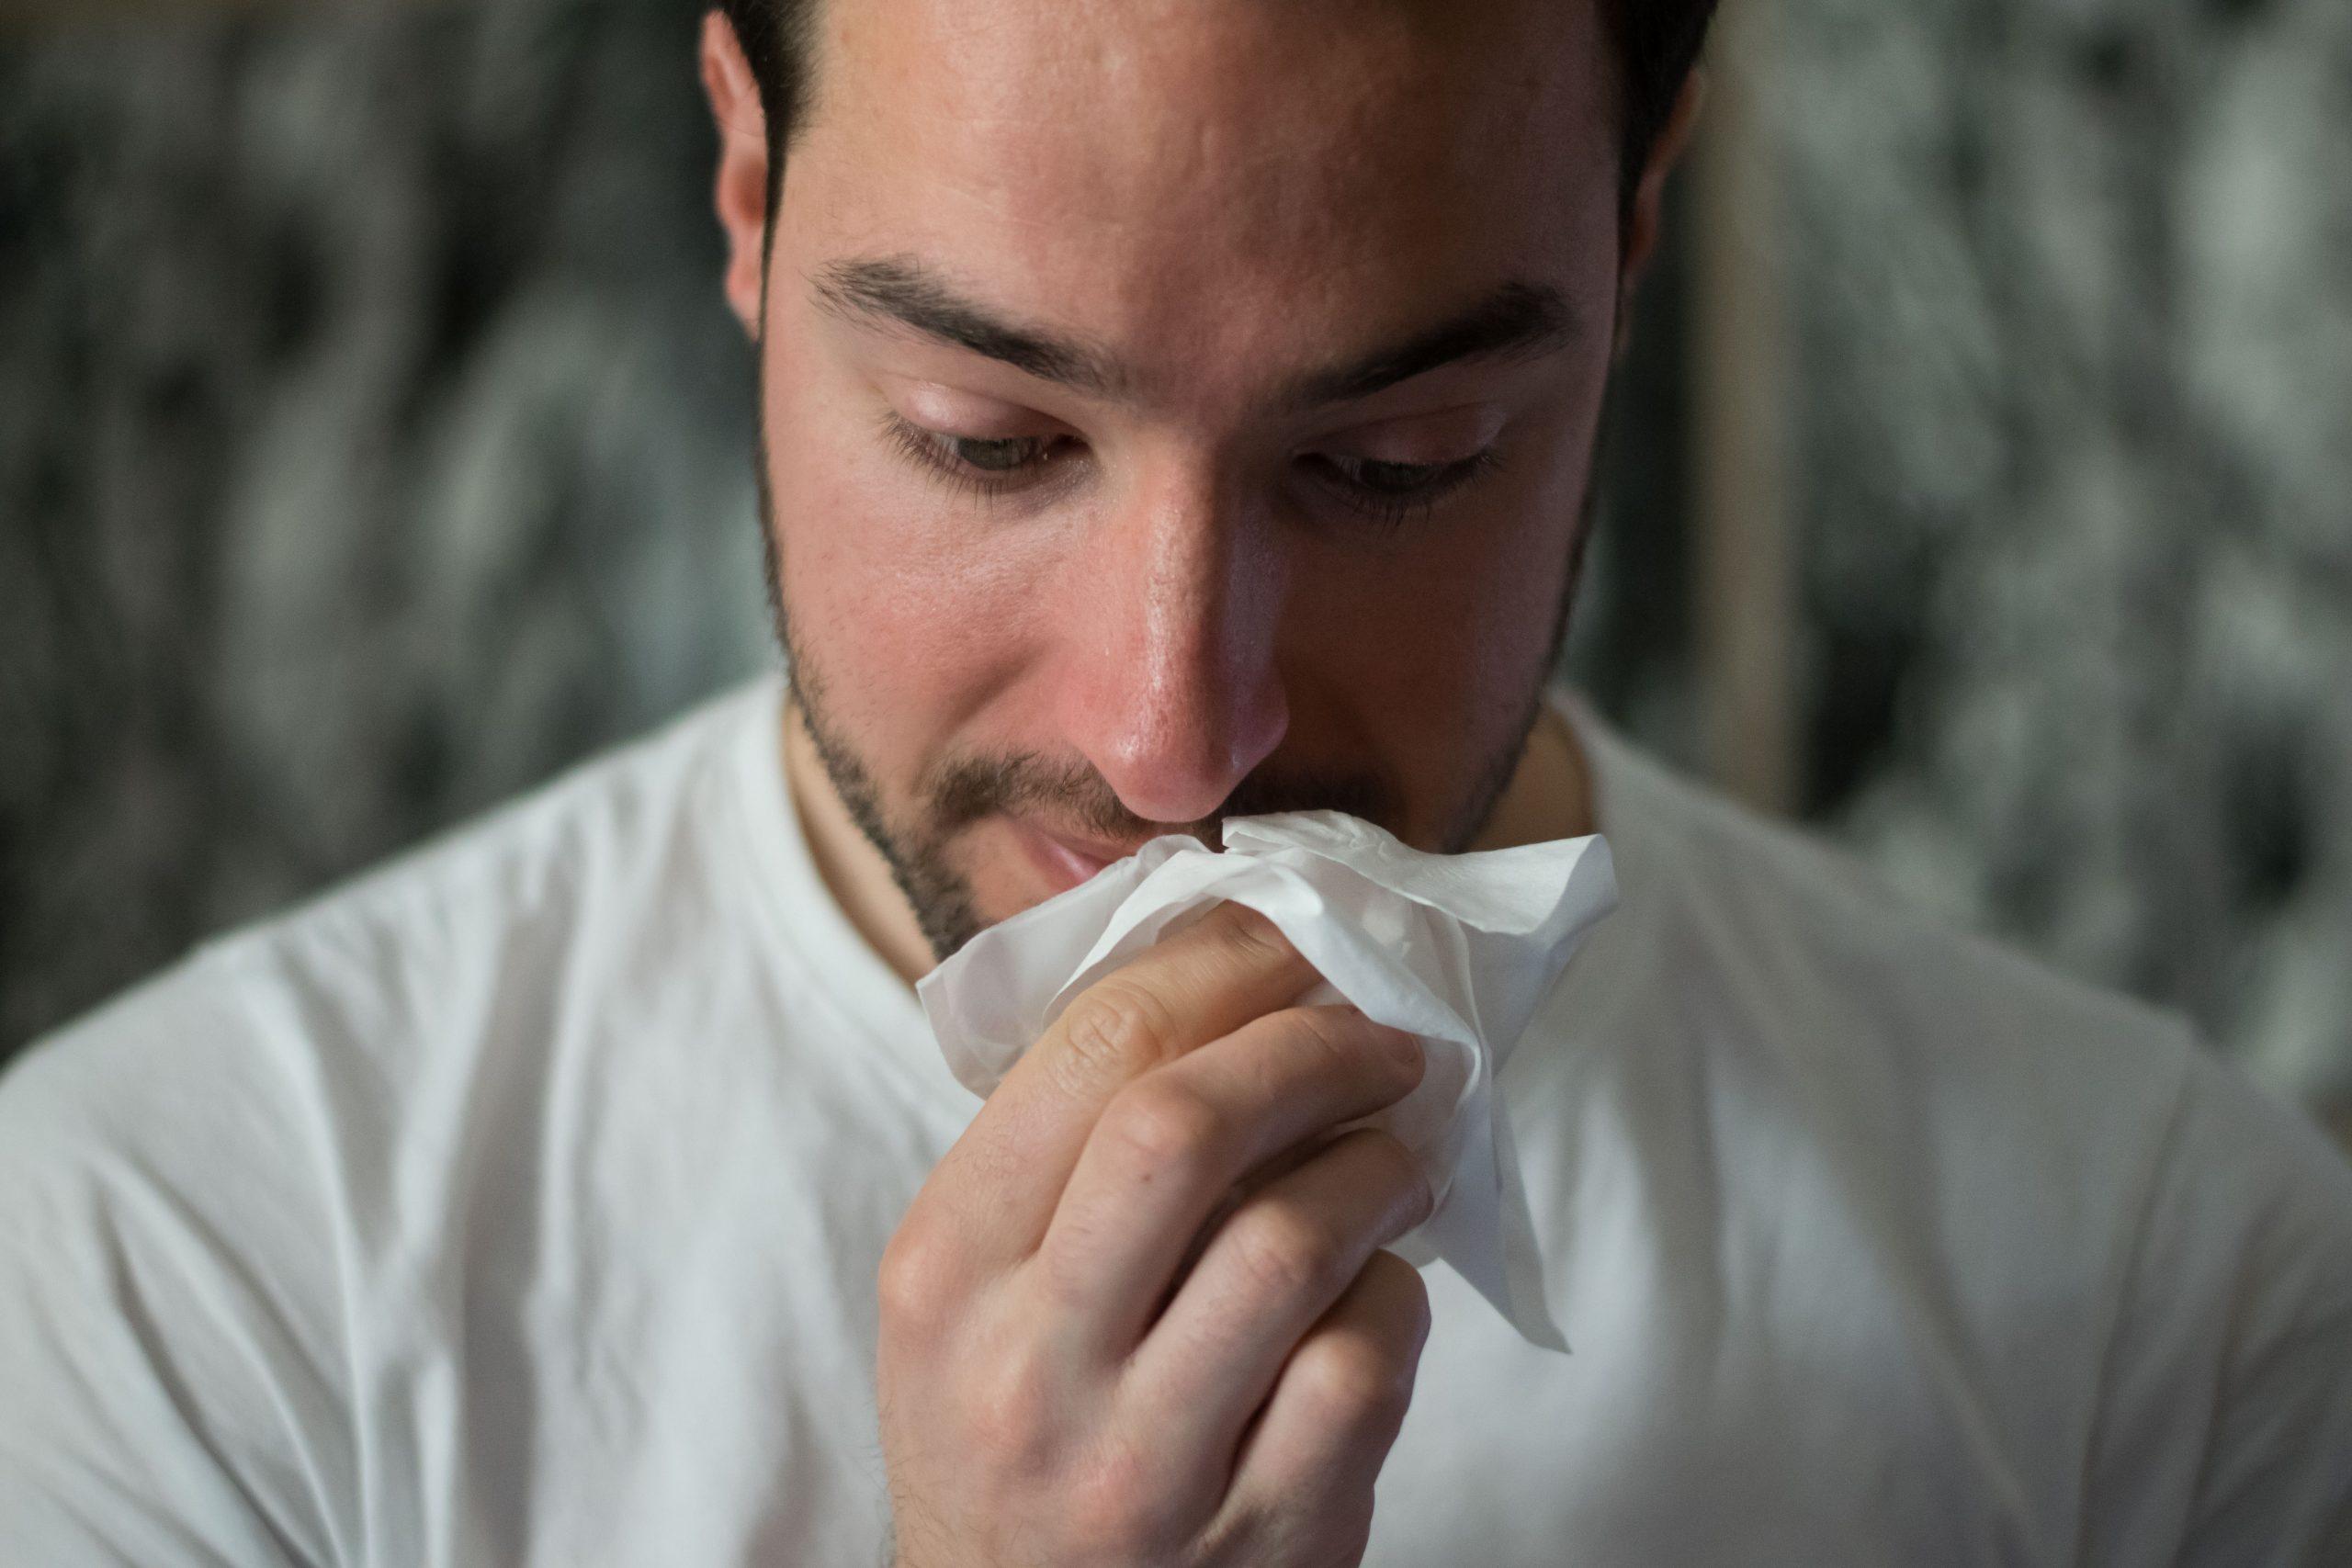 3 sprawdzone męskie sposoby na zimowe mrozy – nie daj się złamać!